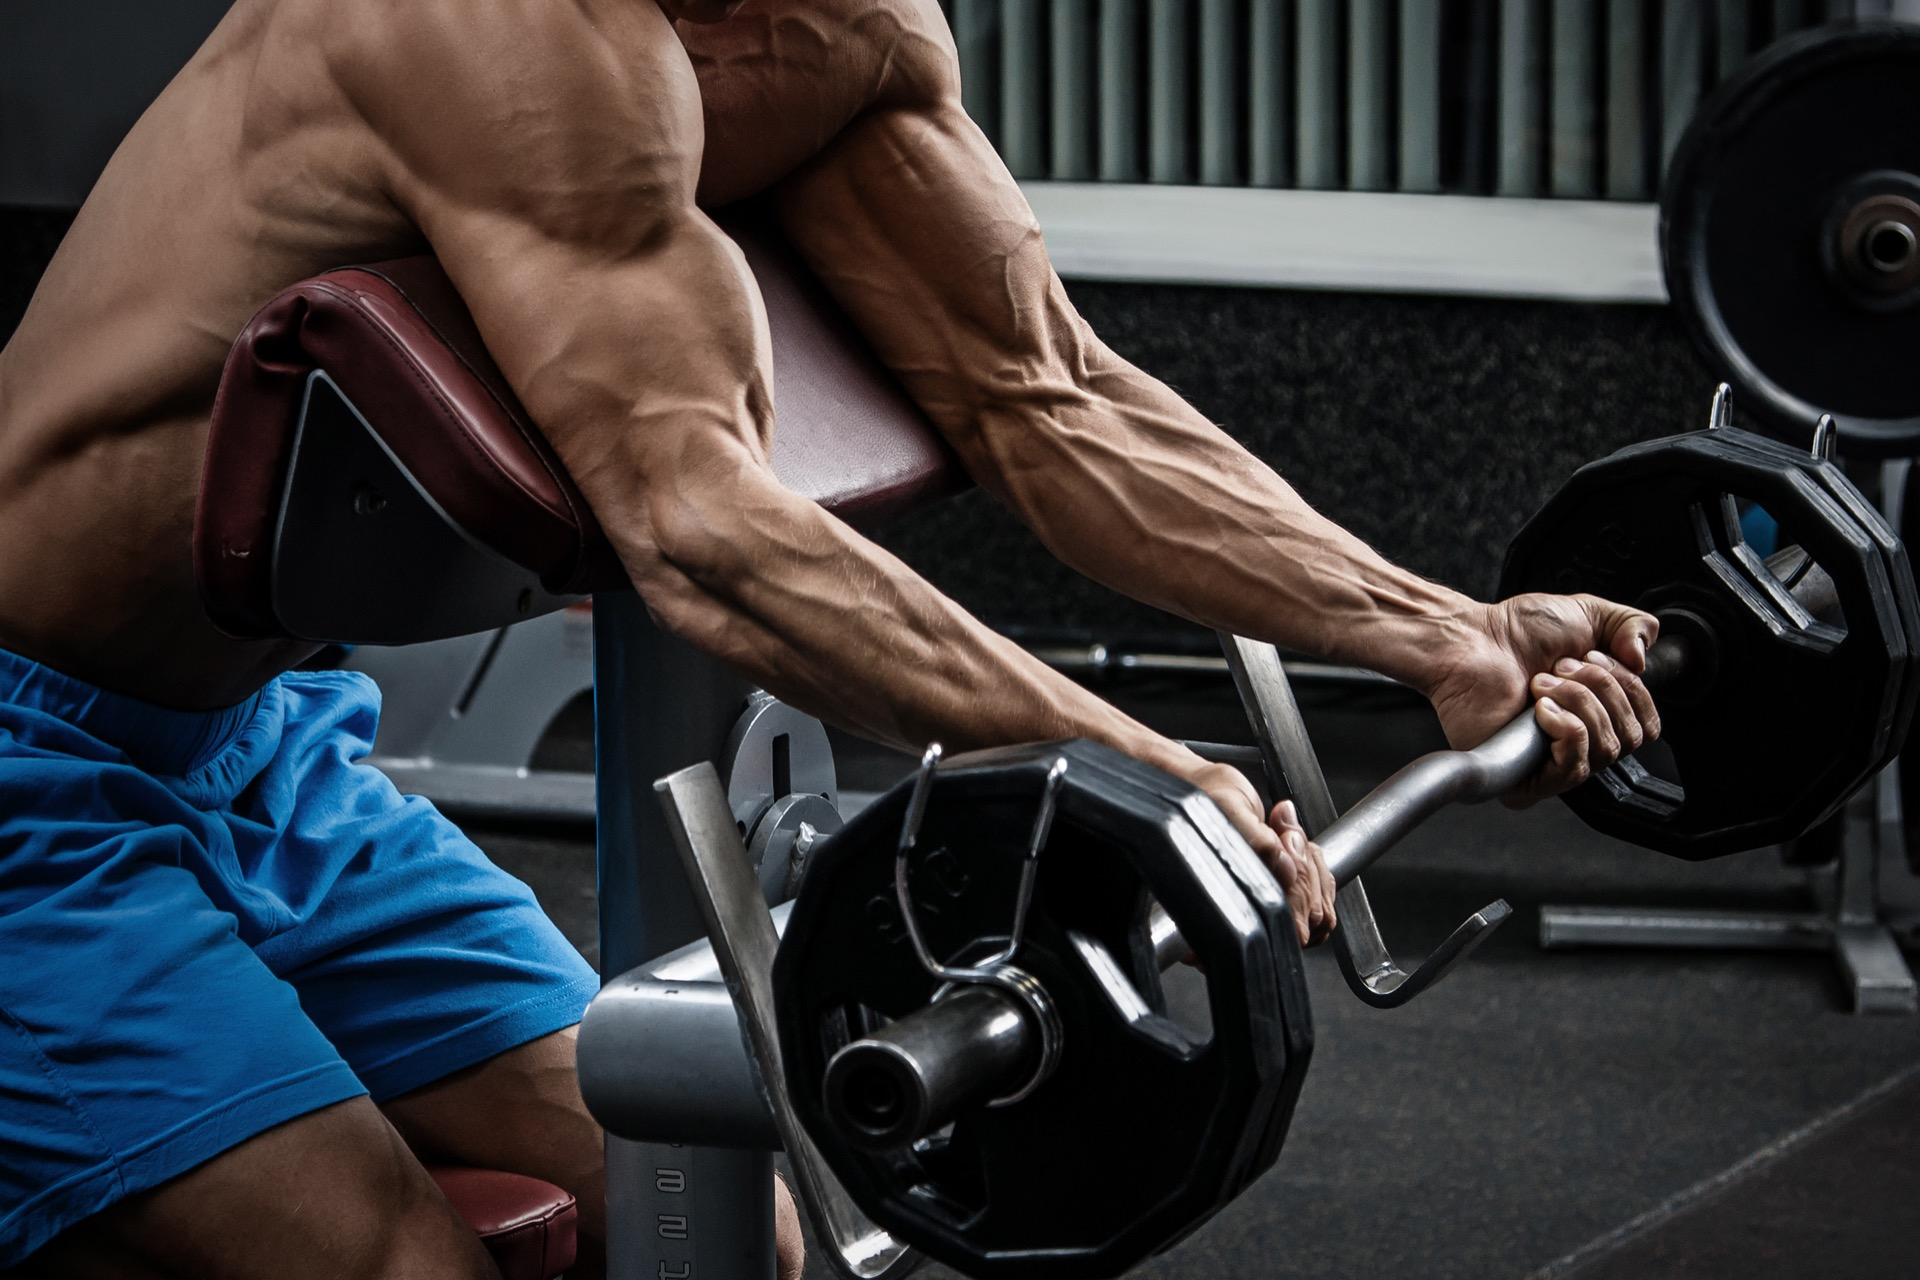 hvilke kosttilskudd bor man ta for a bygge muskler